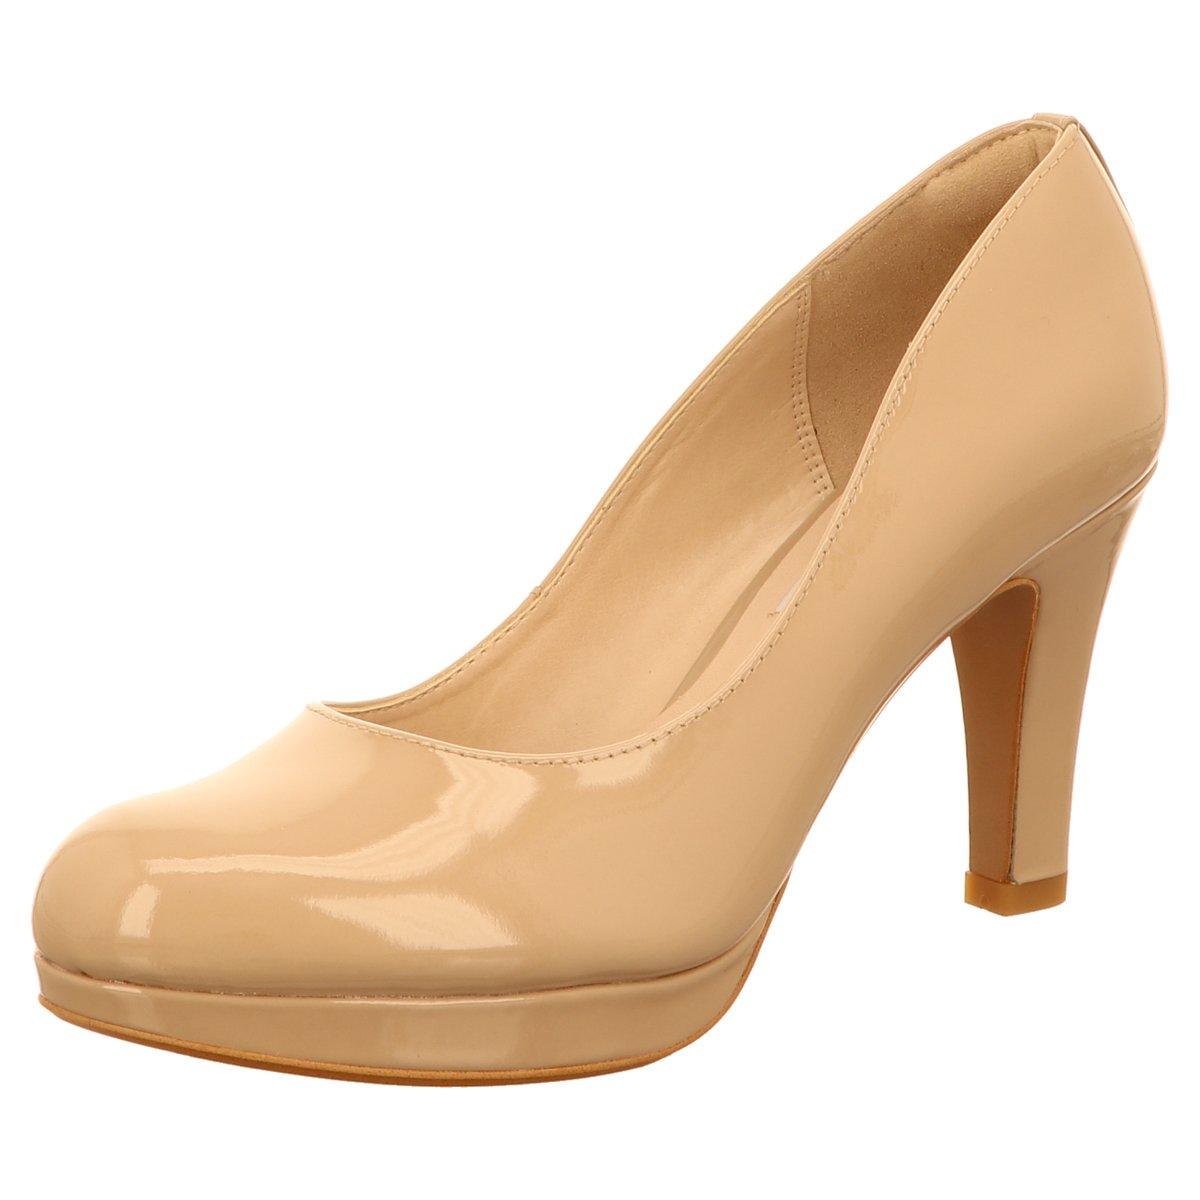 NEU Clarks Damen Pumps WOMENS 261157225 beige 298852